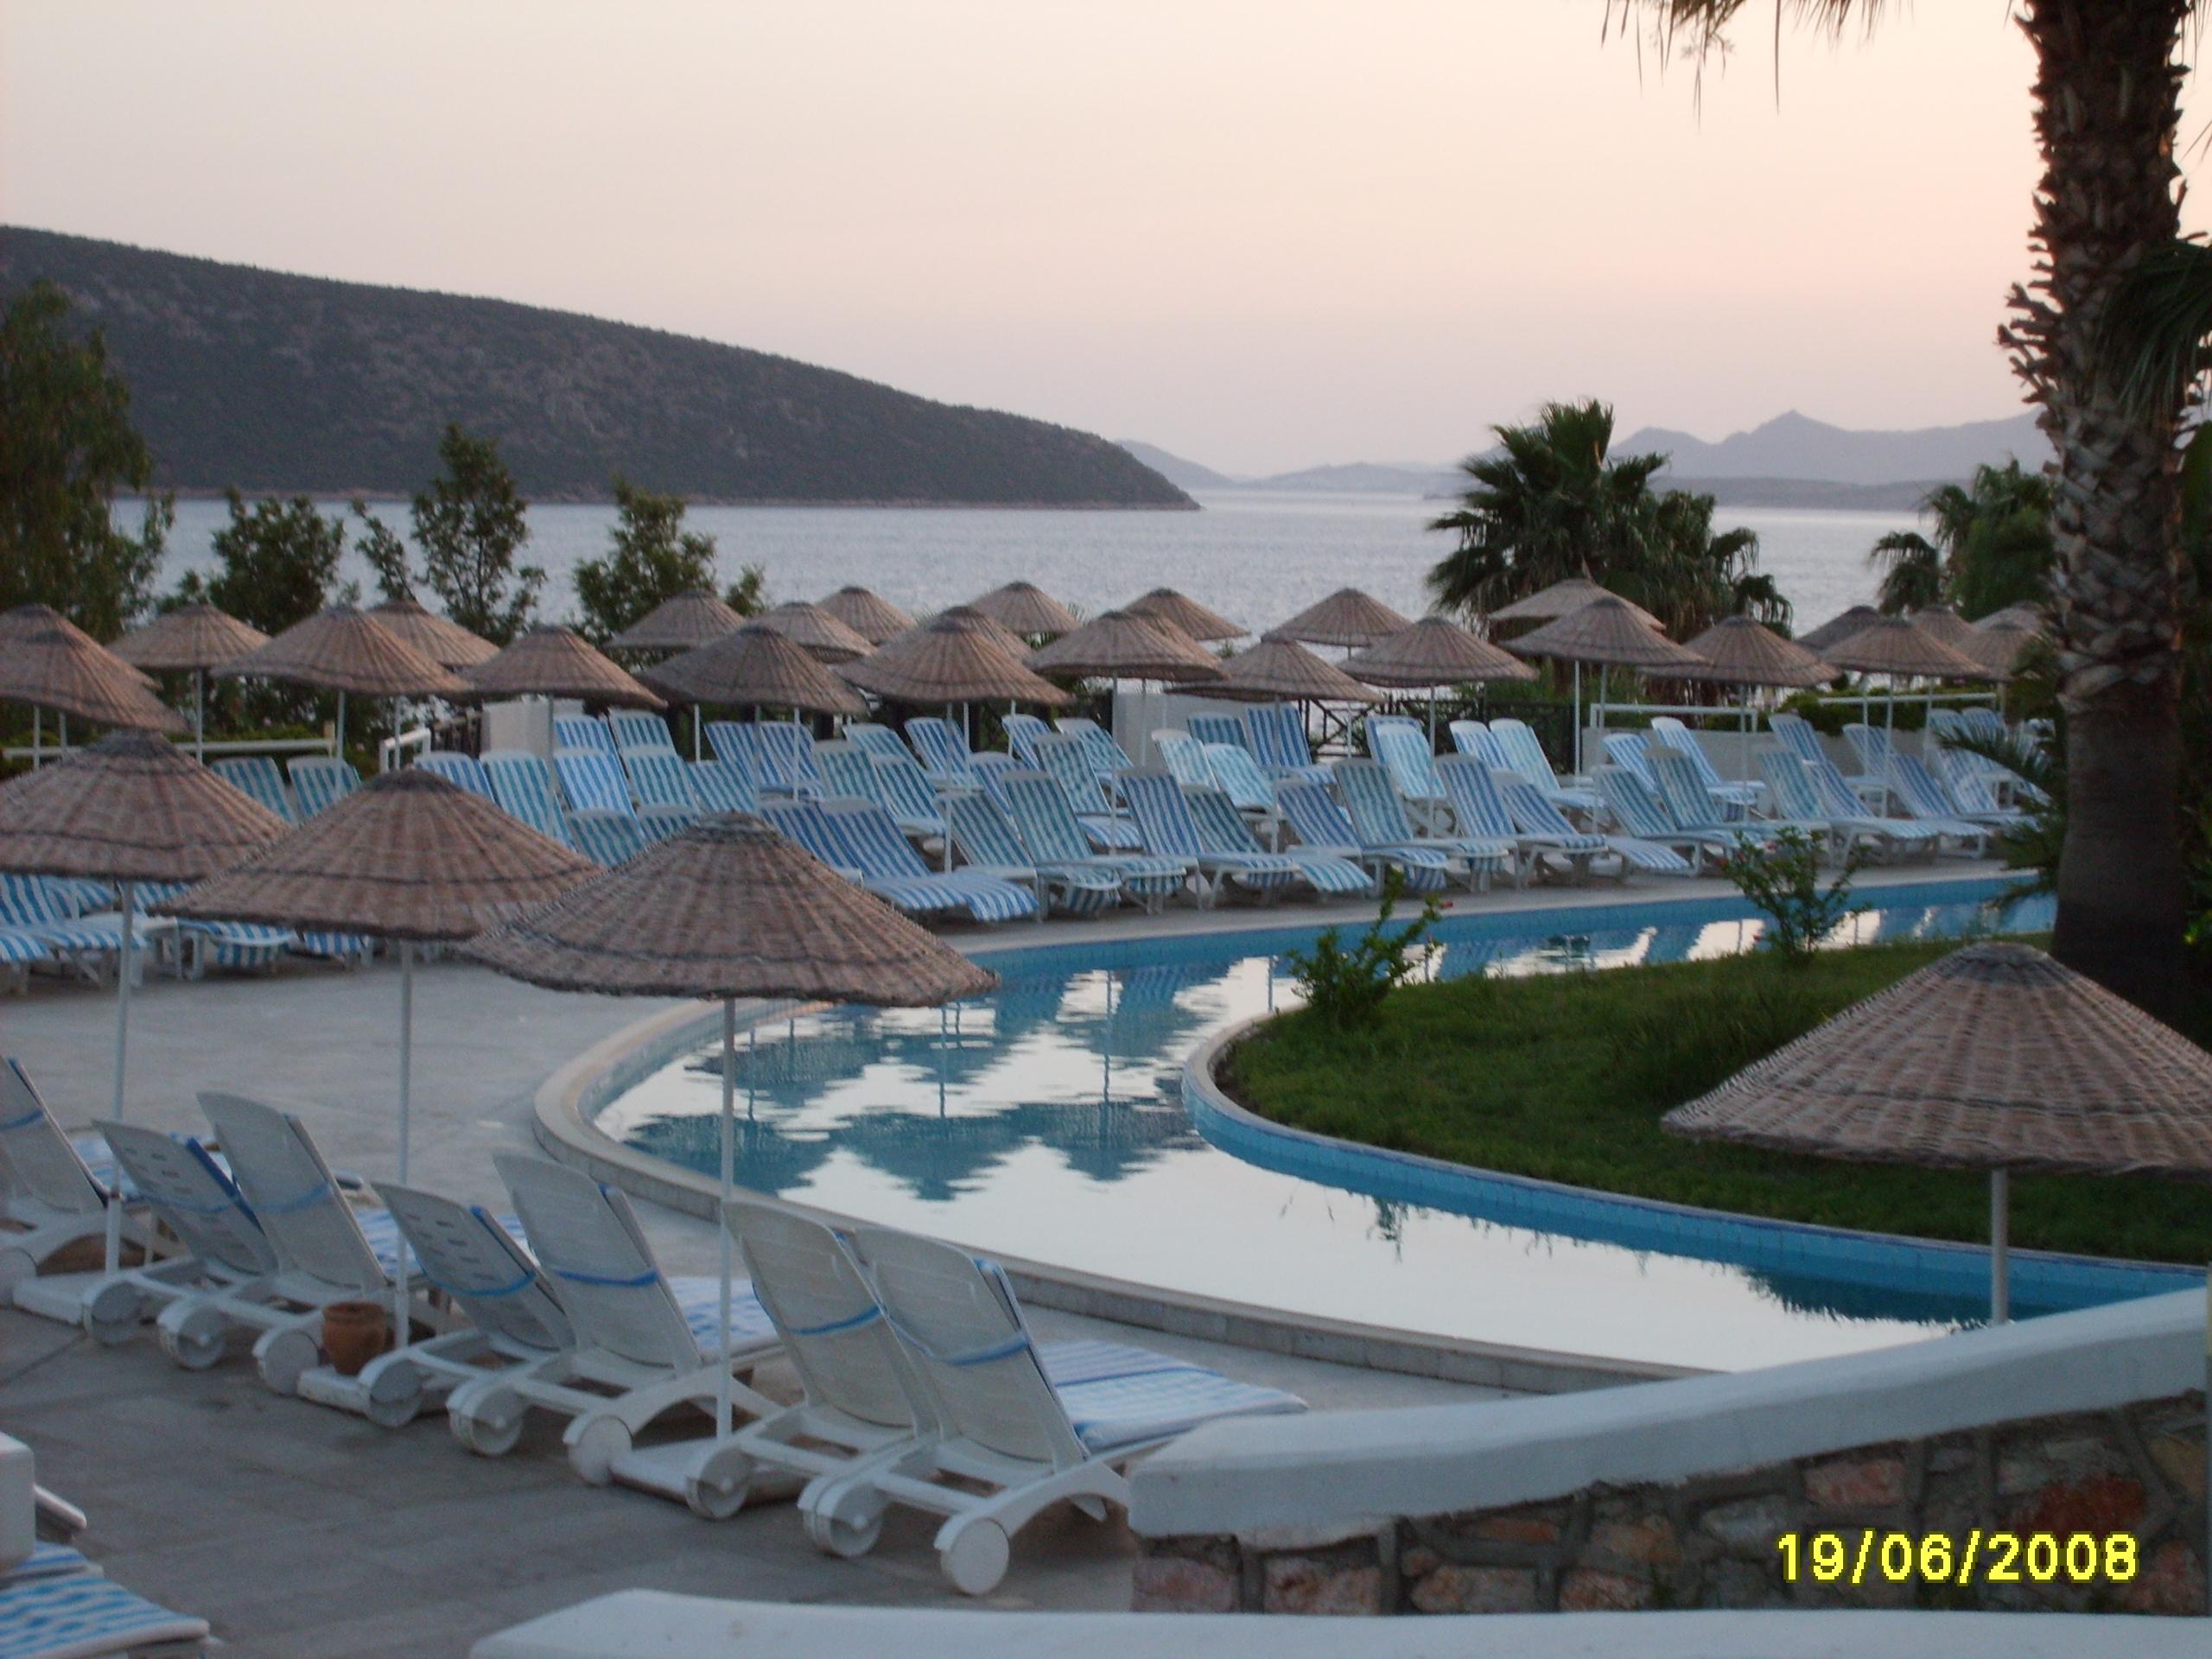 Площадка с лежаками у бассейна